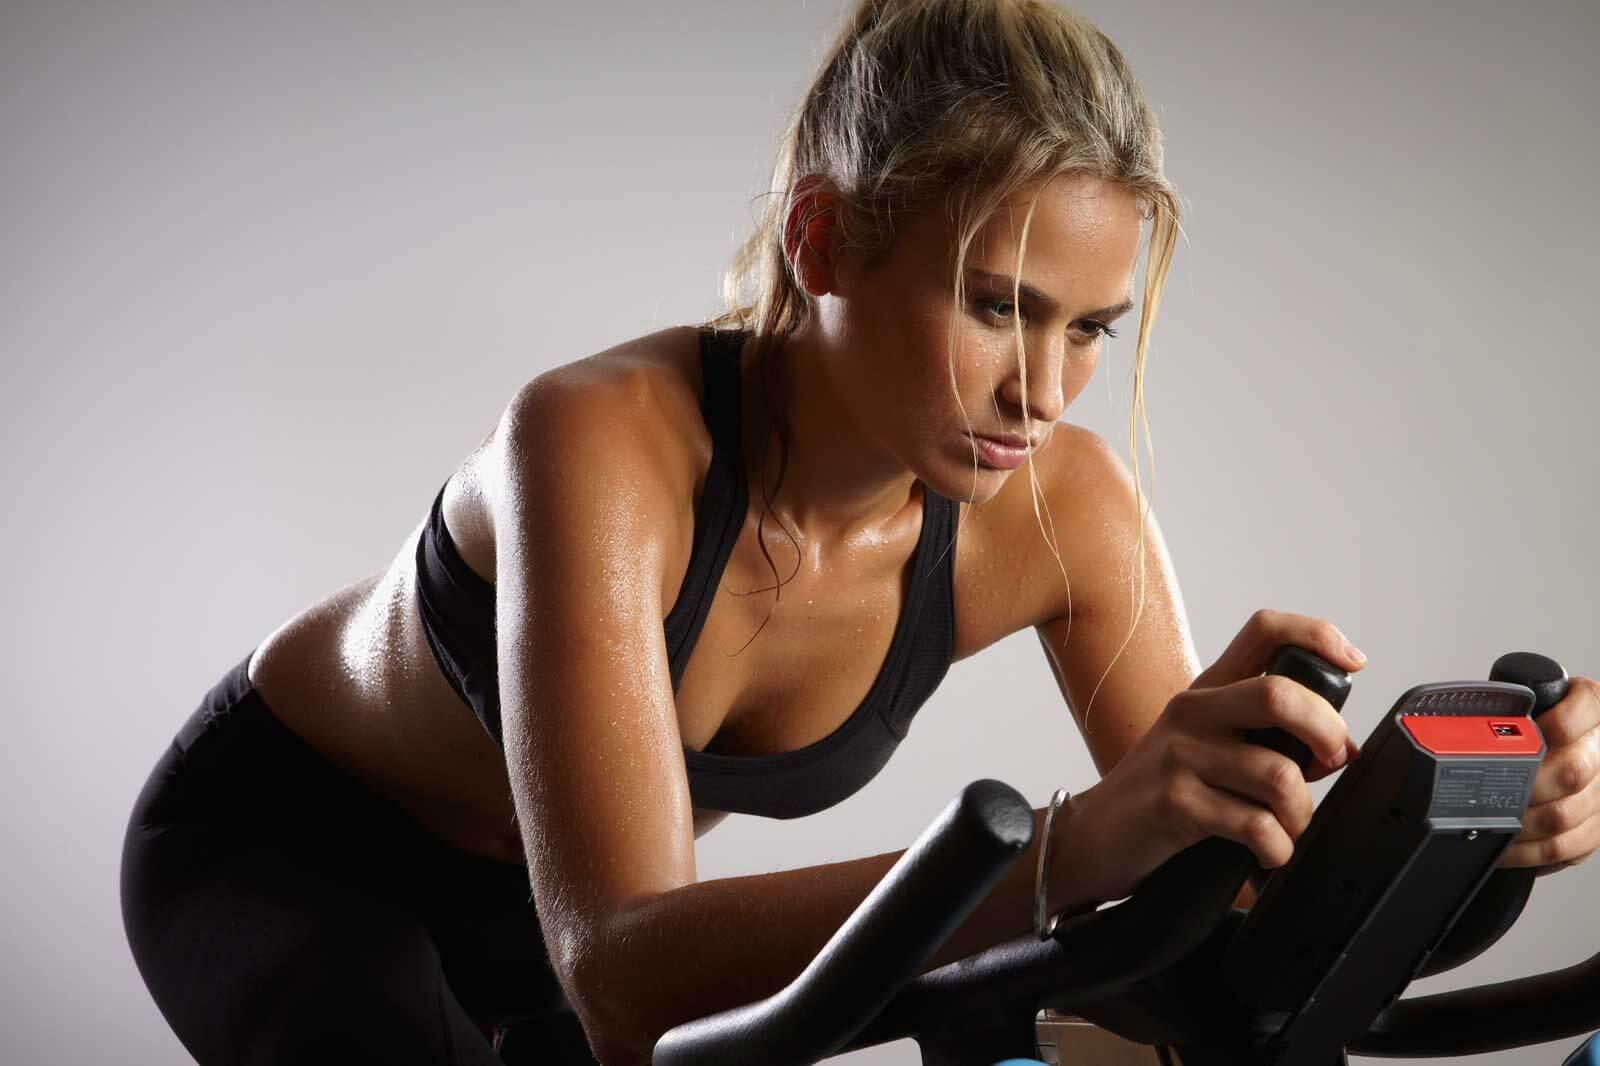 Велотренажер для похудения в домашних условиях